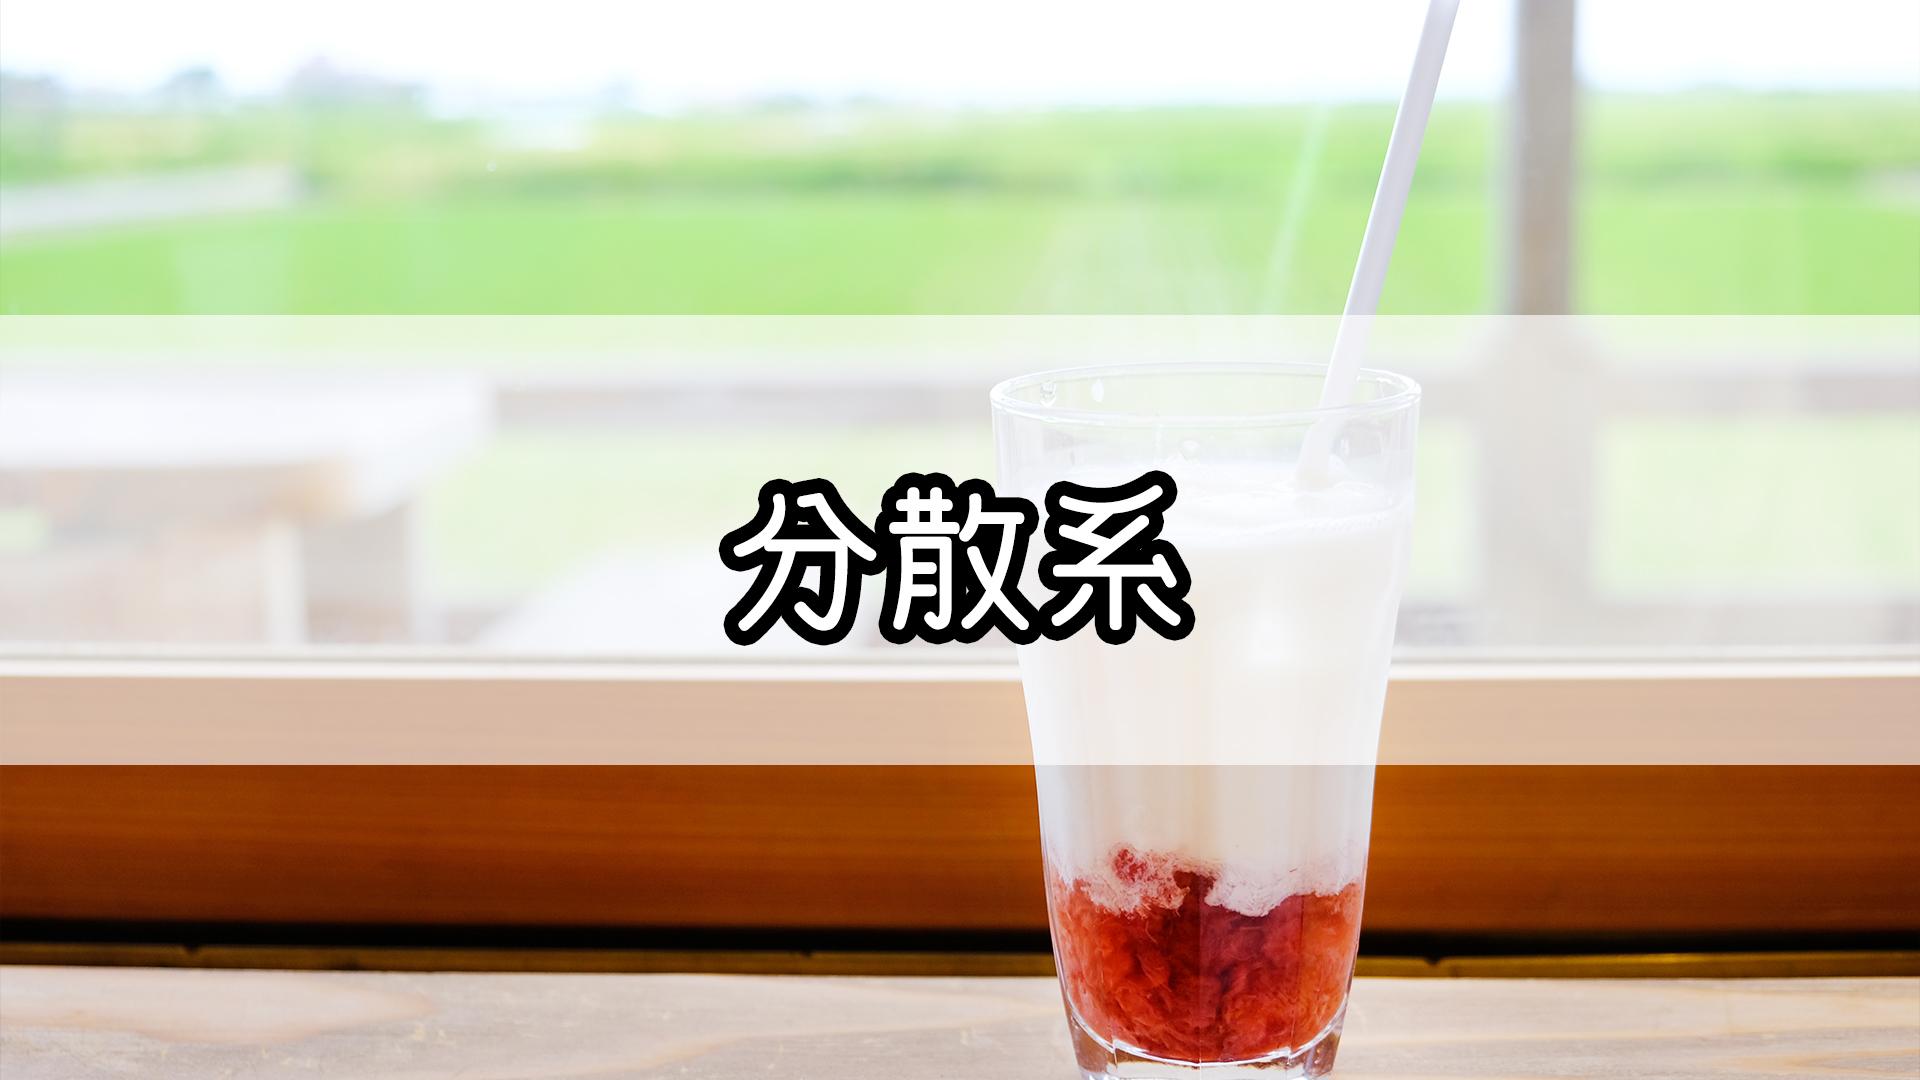 『分散系』のゴロ・覚え方